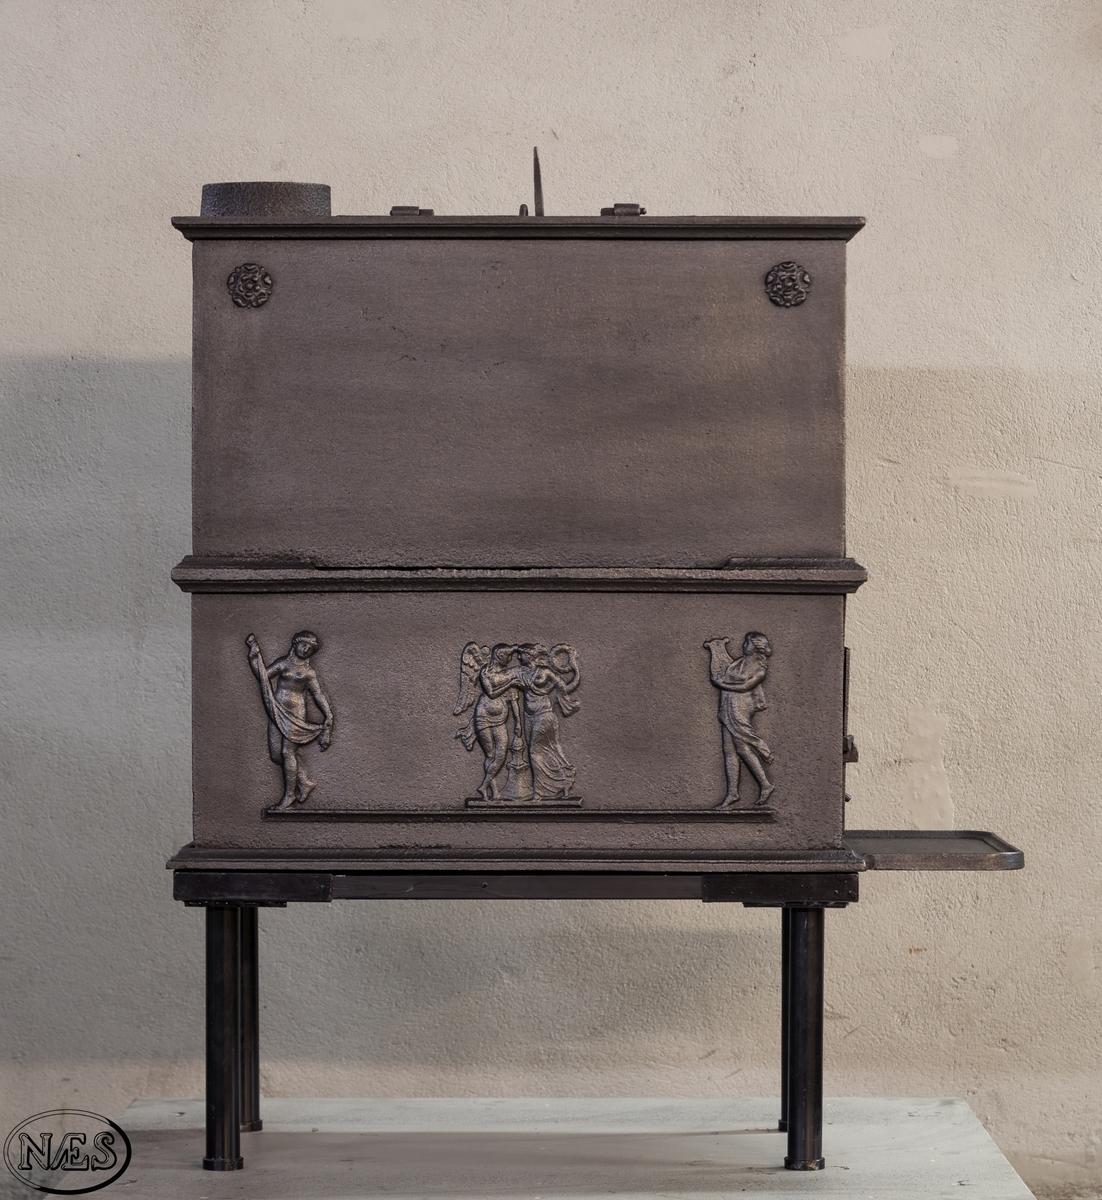 Kokeovn i to etasjer med eget fyrkammer og kokerom. Kokerommet kan åpnes med to dører på langsiden og med en luke i topplaten. Ovnsdøren til fyrkammeret er på kortsiden 1 etg. På langsidene i 1. etg er det tre muser og en engel med lette draperier på en enkel profillist. På kortsidene 2. etg er det draperikledd dansende muse på enkel profillist med en rosett i hvert øvre hjørne. Langsidene i 2.etg er dekorert med en rosett i hvert øvre hjørne.